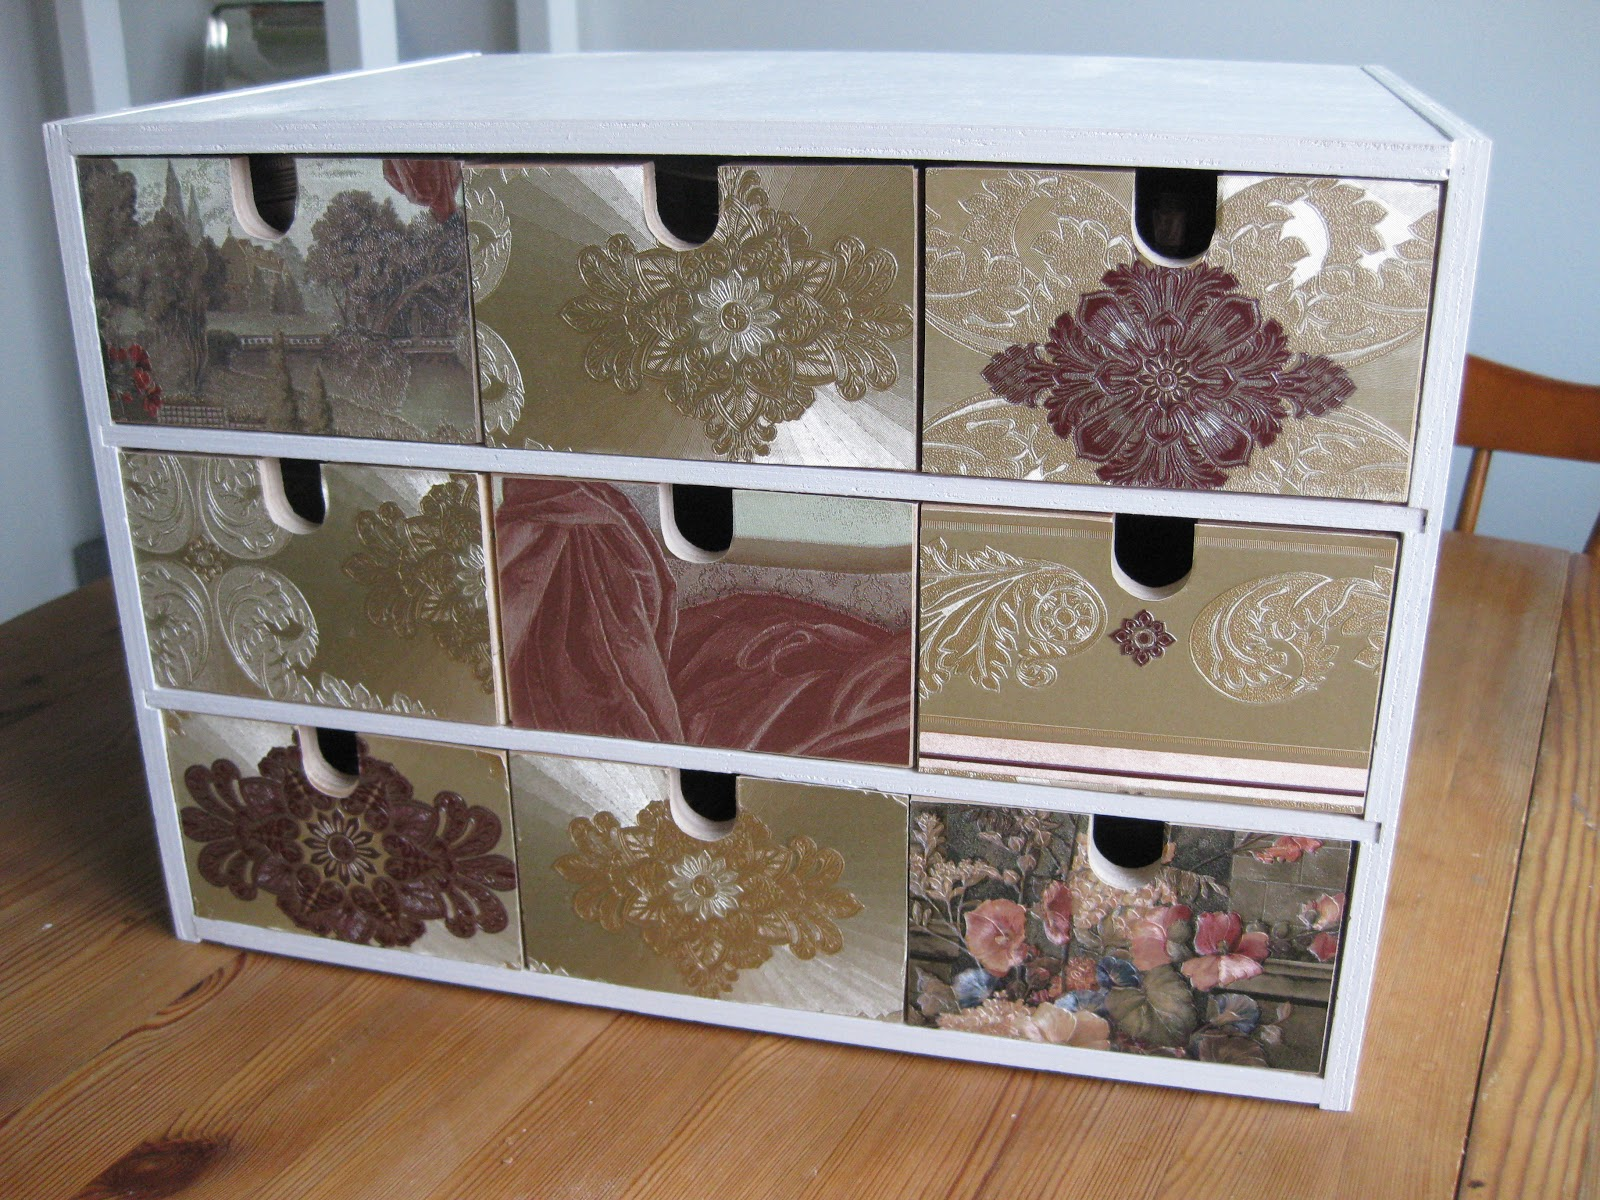 Seaseight design blog diy ikea moppe the mini chest for Lavagna adesiva ikea